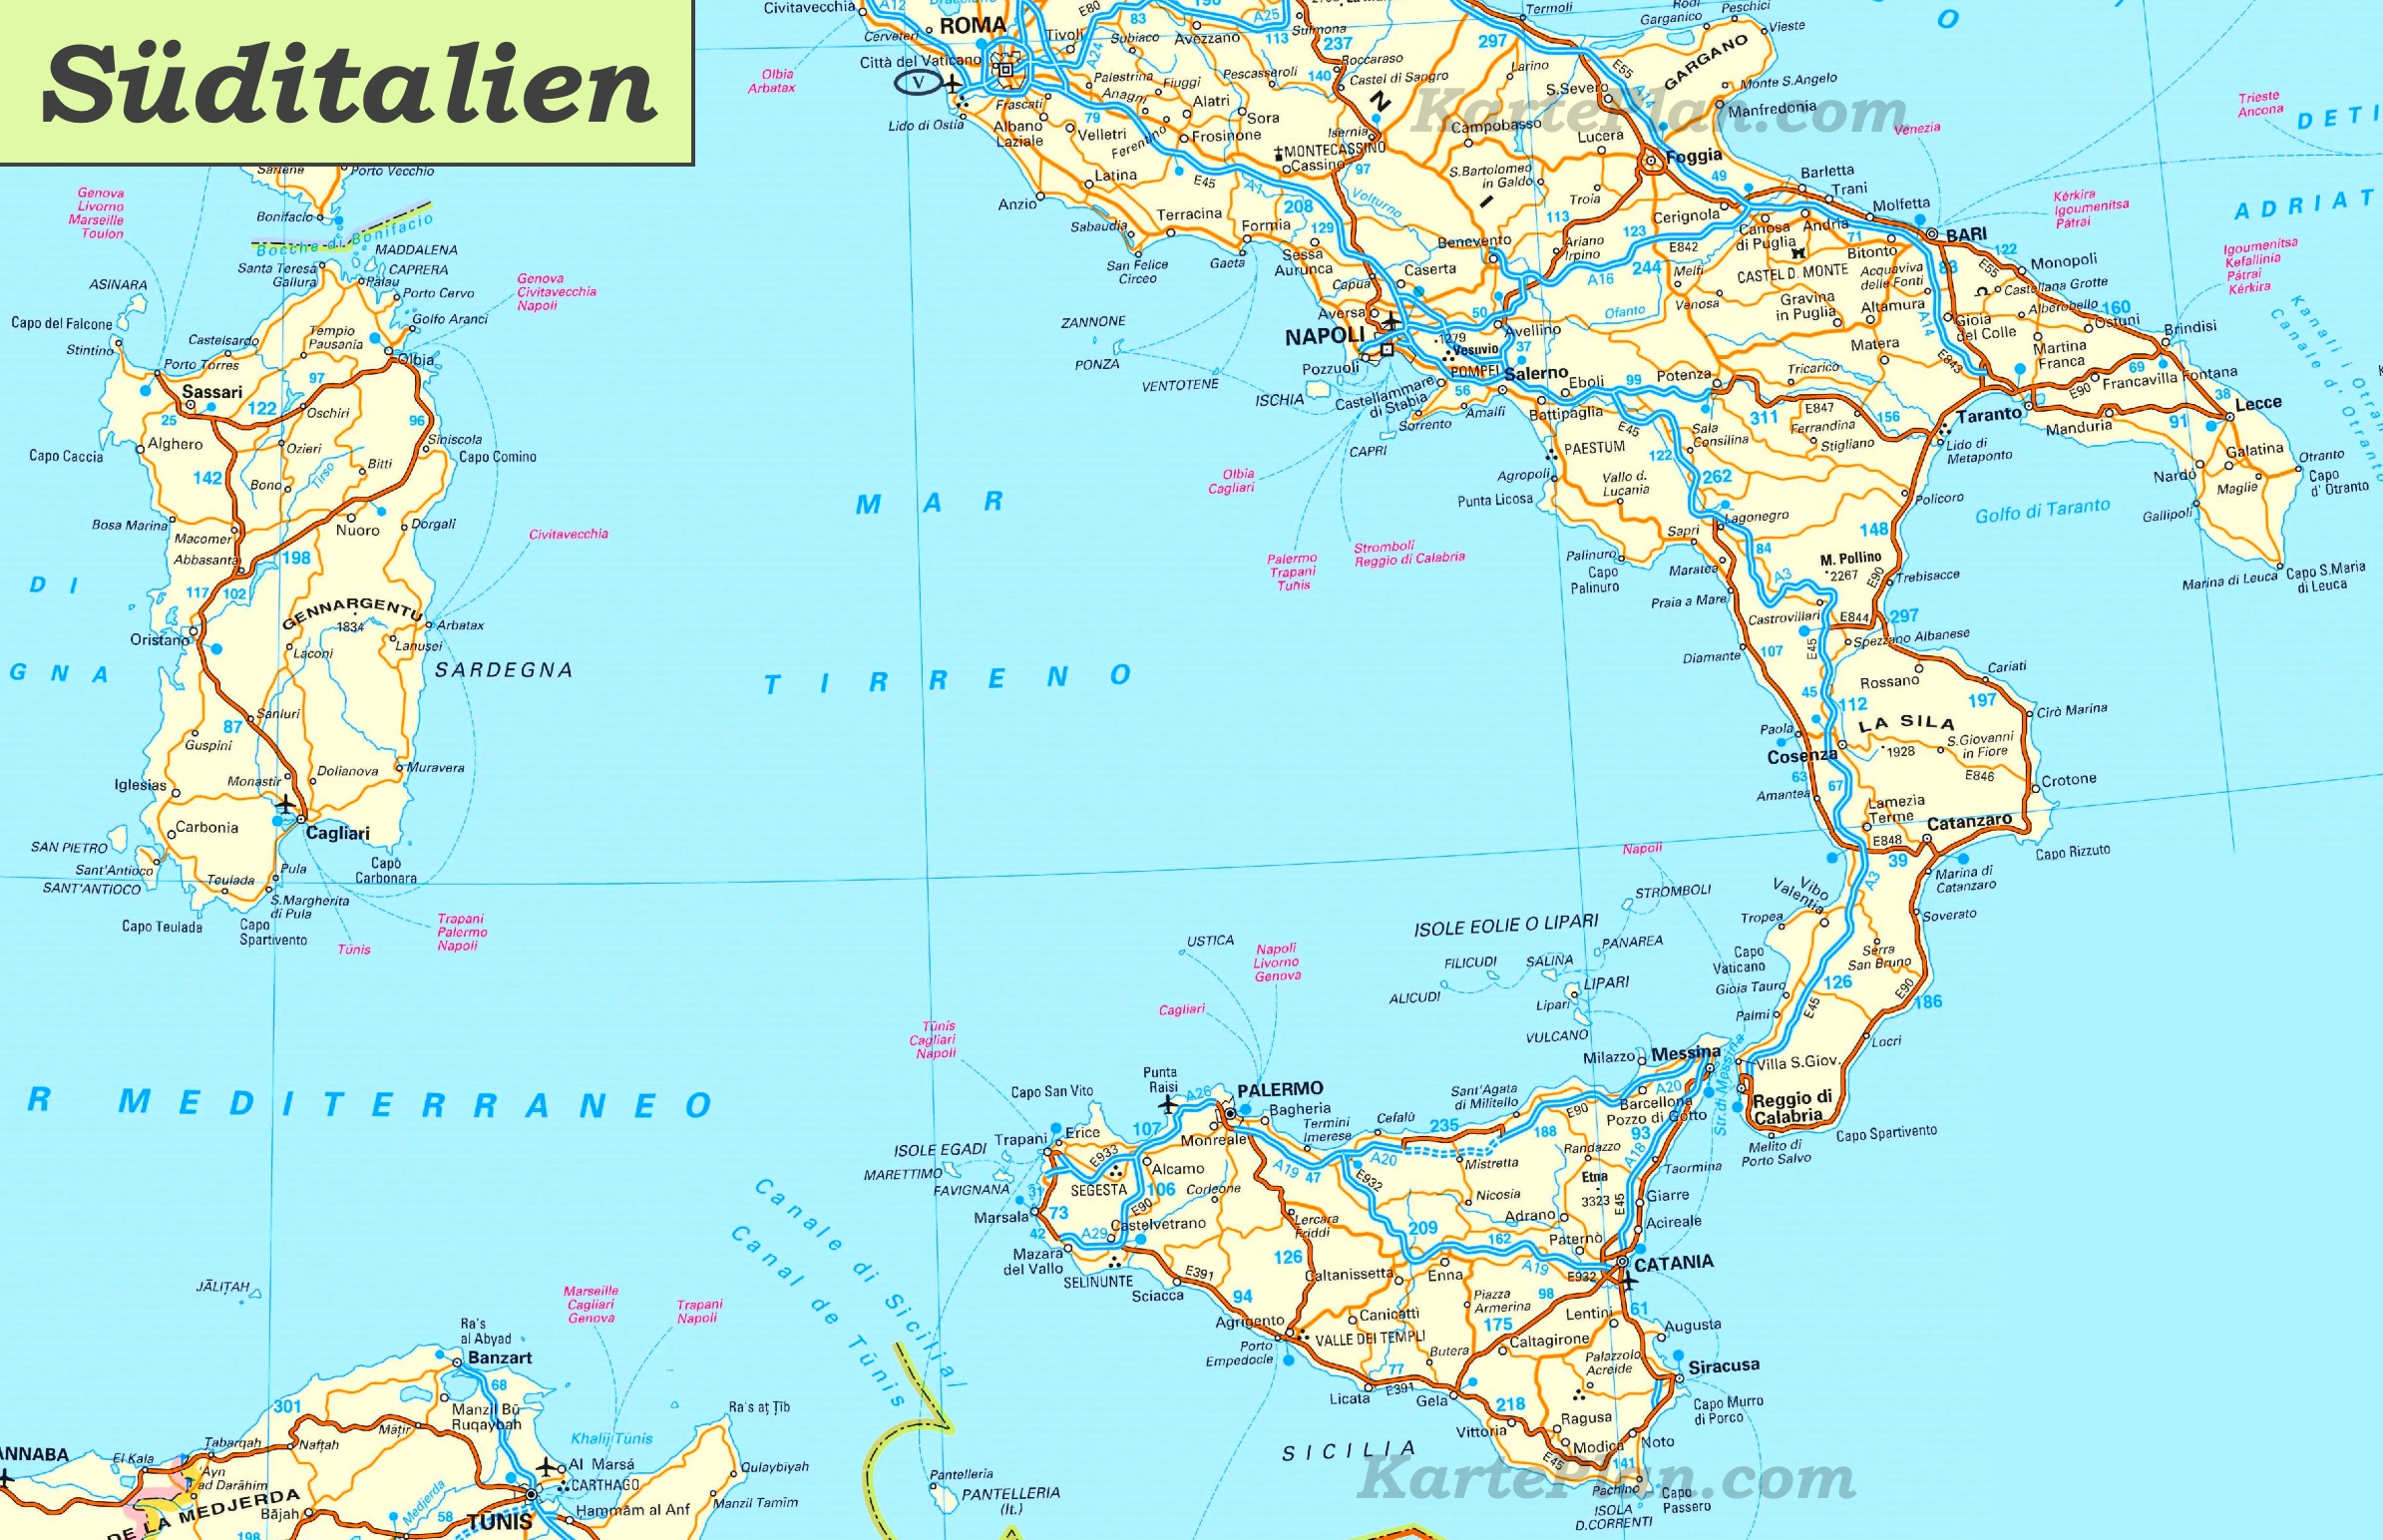 süditalien karte Karte von Süditalien